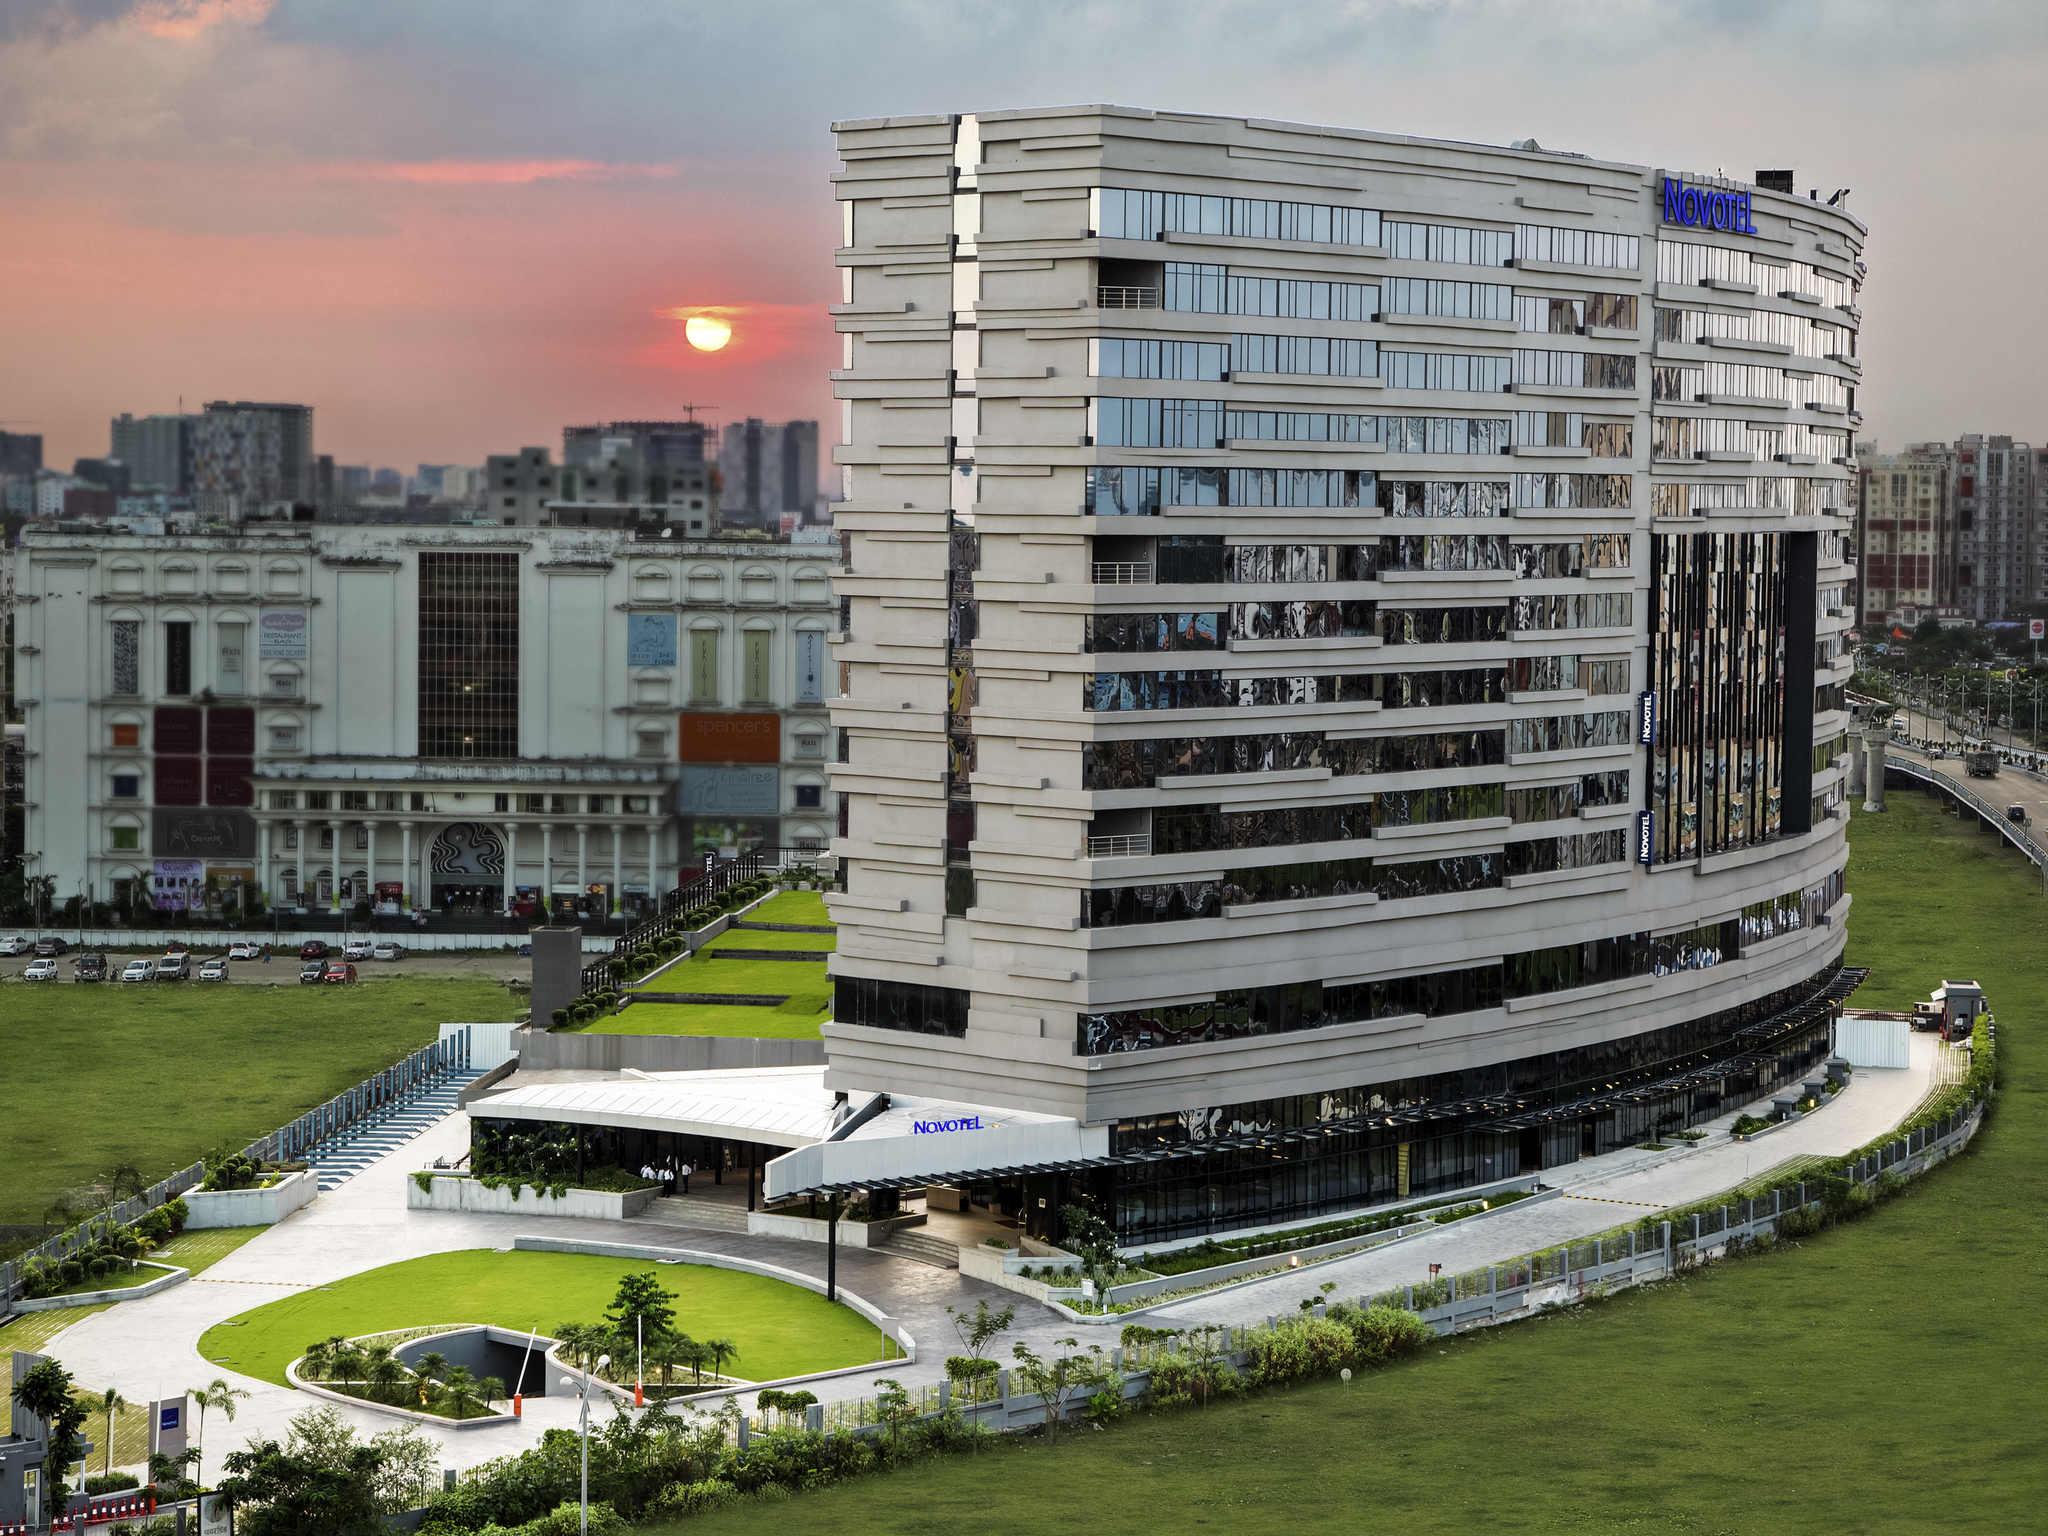 Hotell – Novotel Kolkata - Hotel & Residences